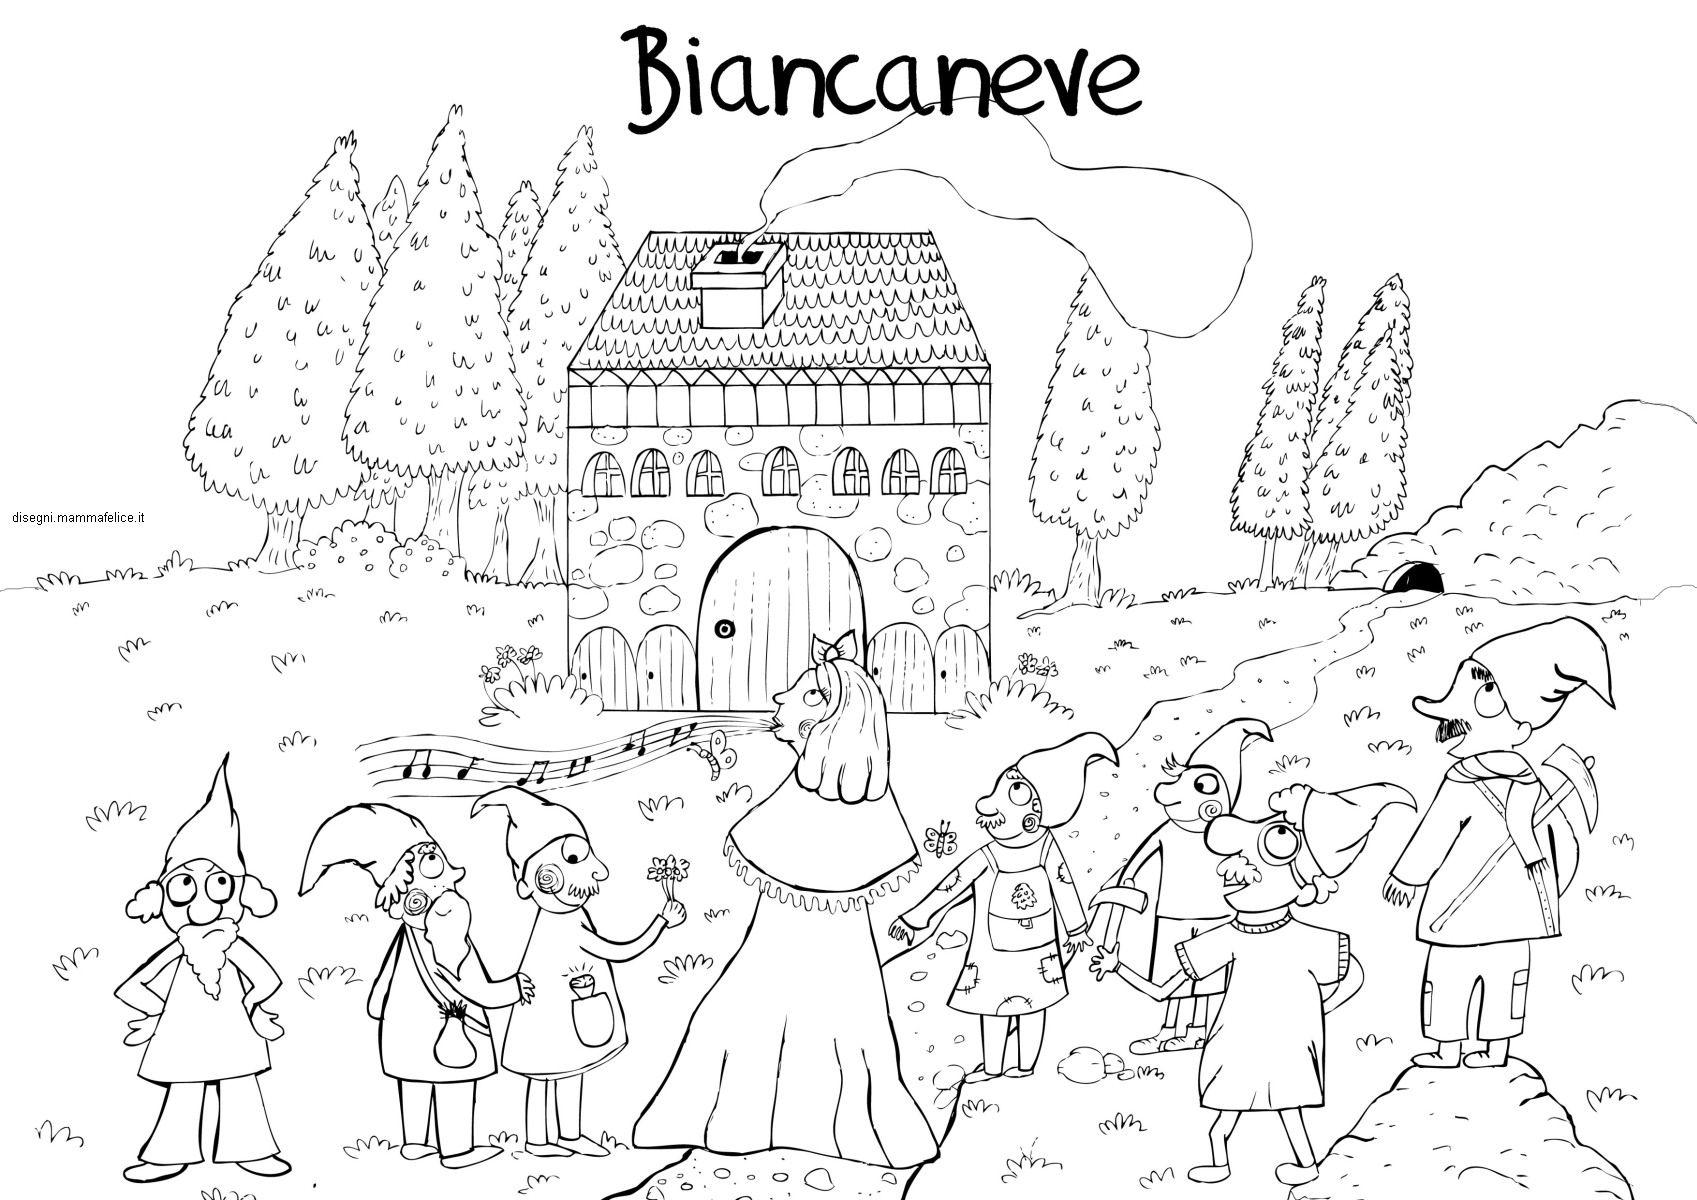 disegni da colorare per bambini di biancaneve e i sette nani